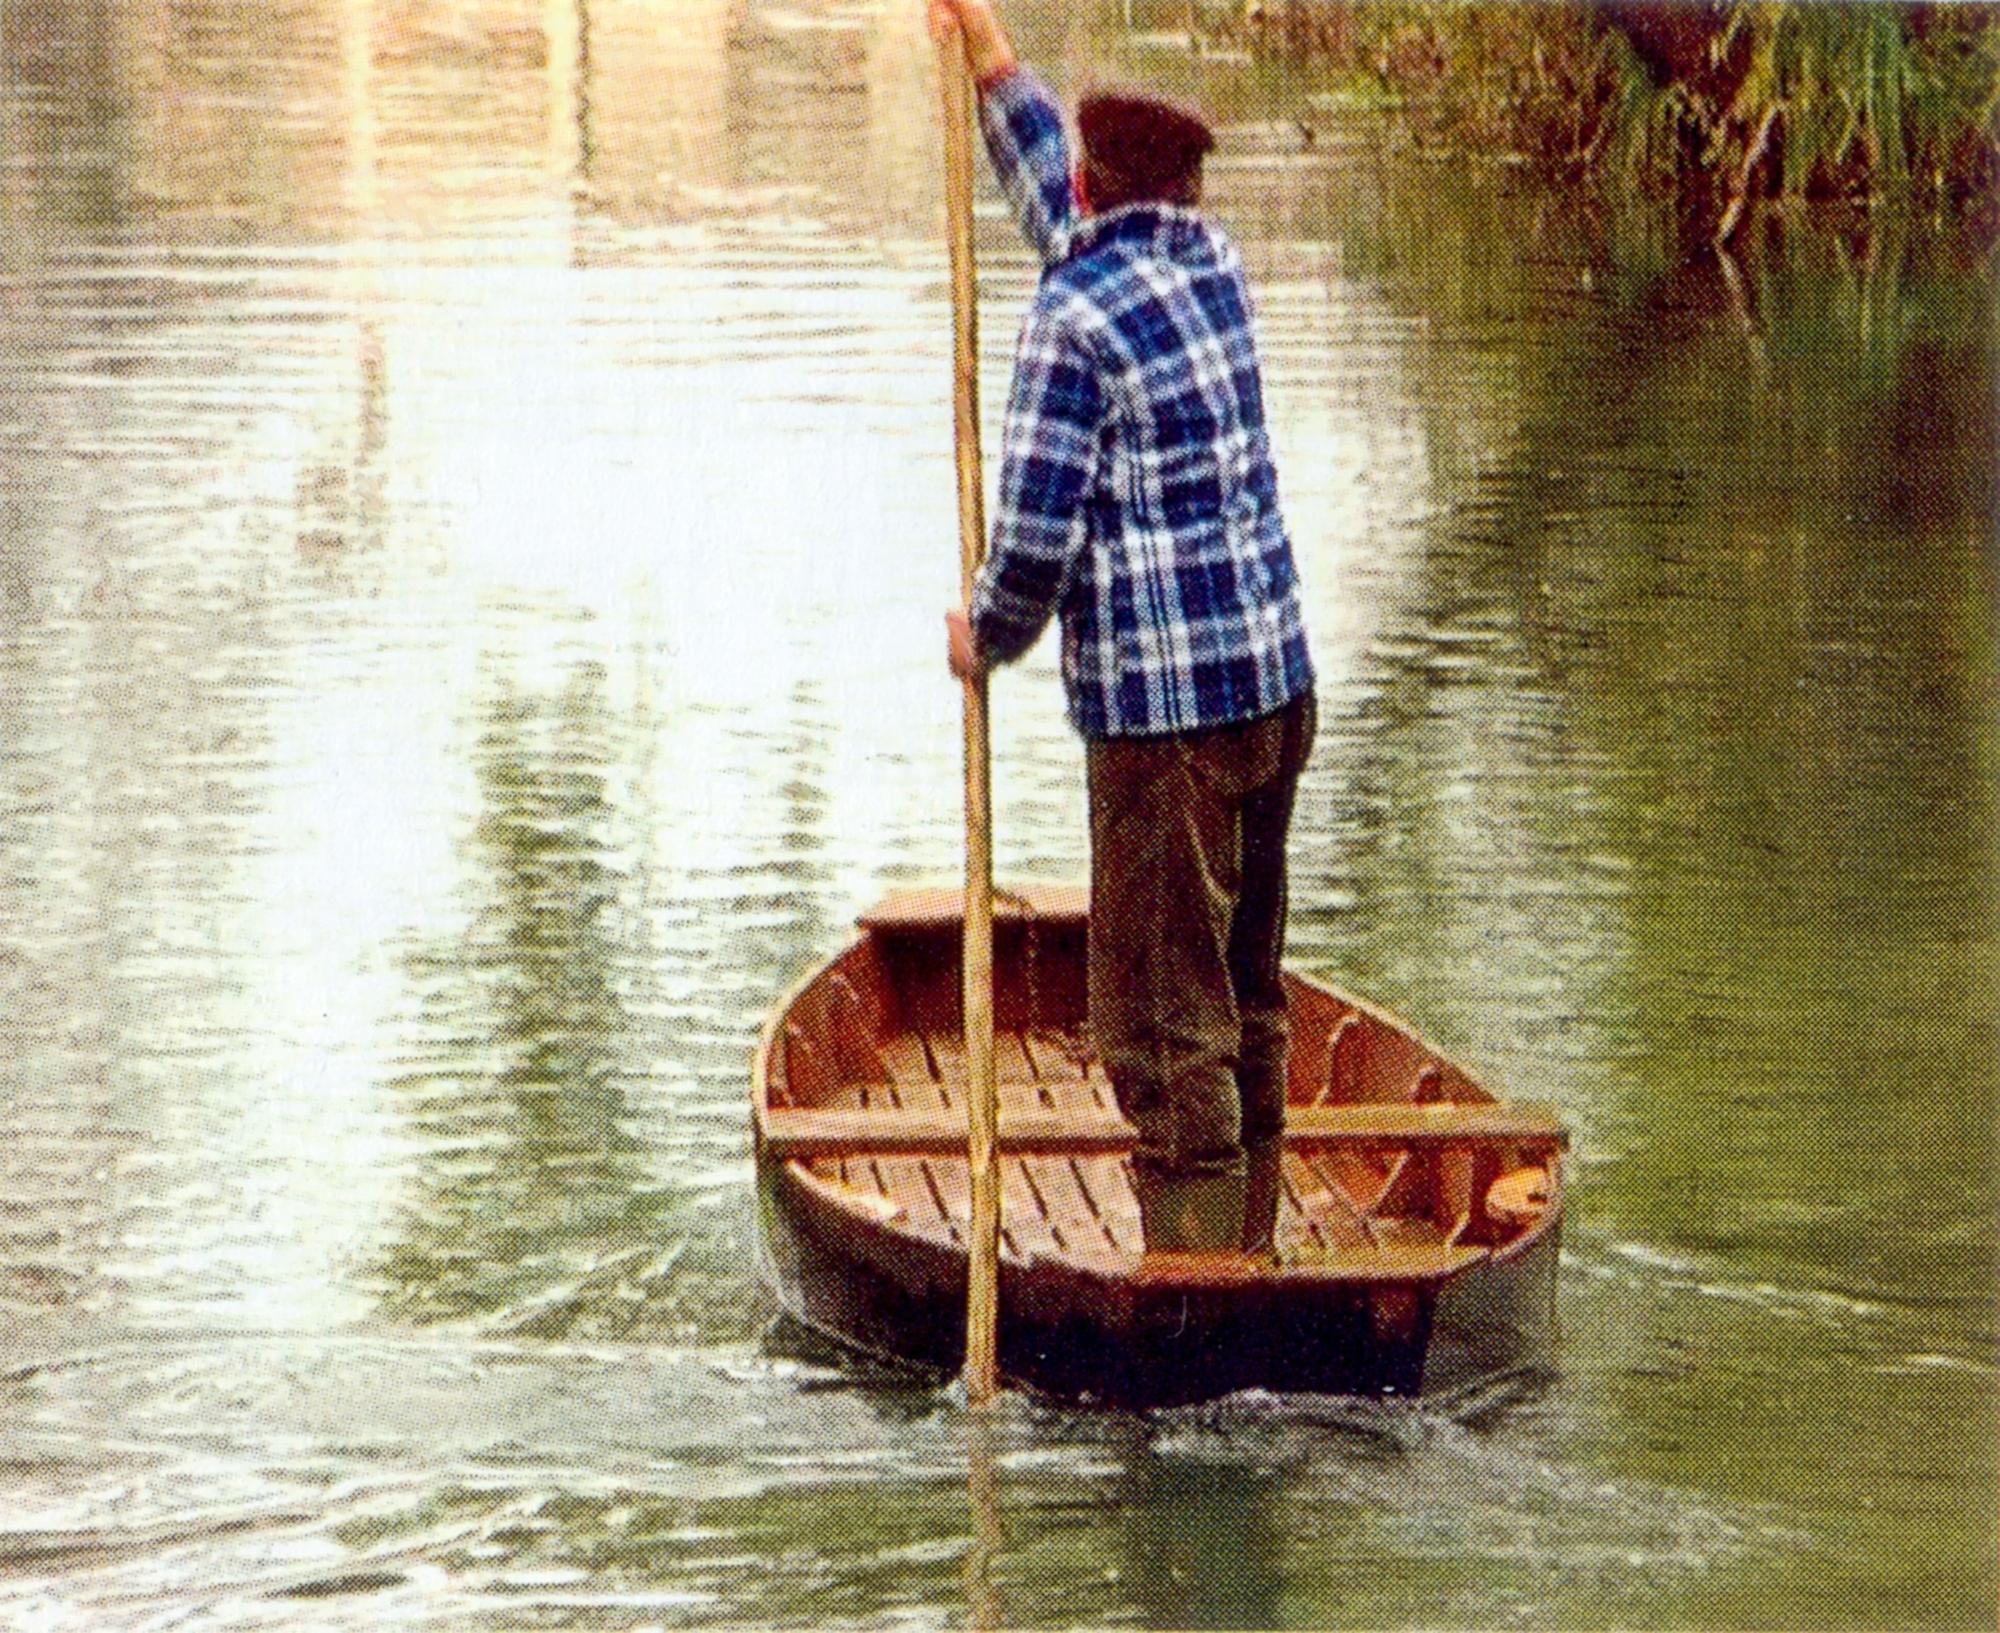 La pantana è un'imbarcazione che permette di navigare dove l'acqua è poco profonda.